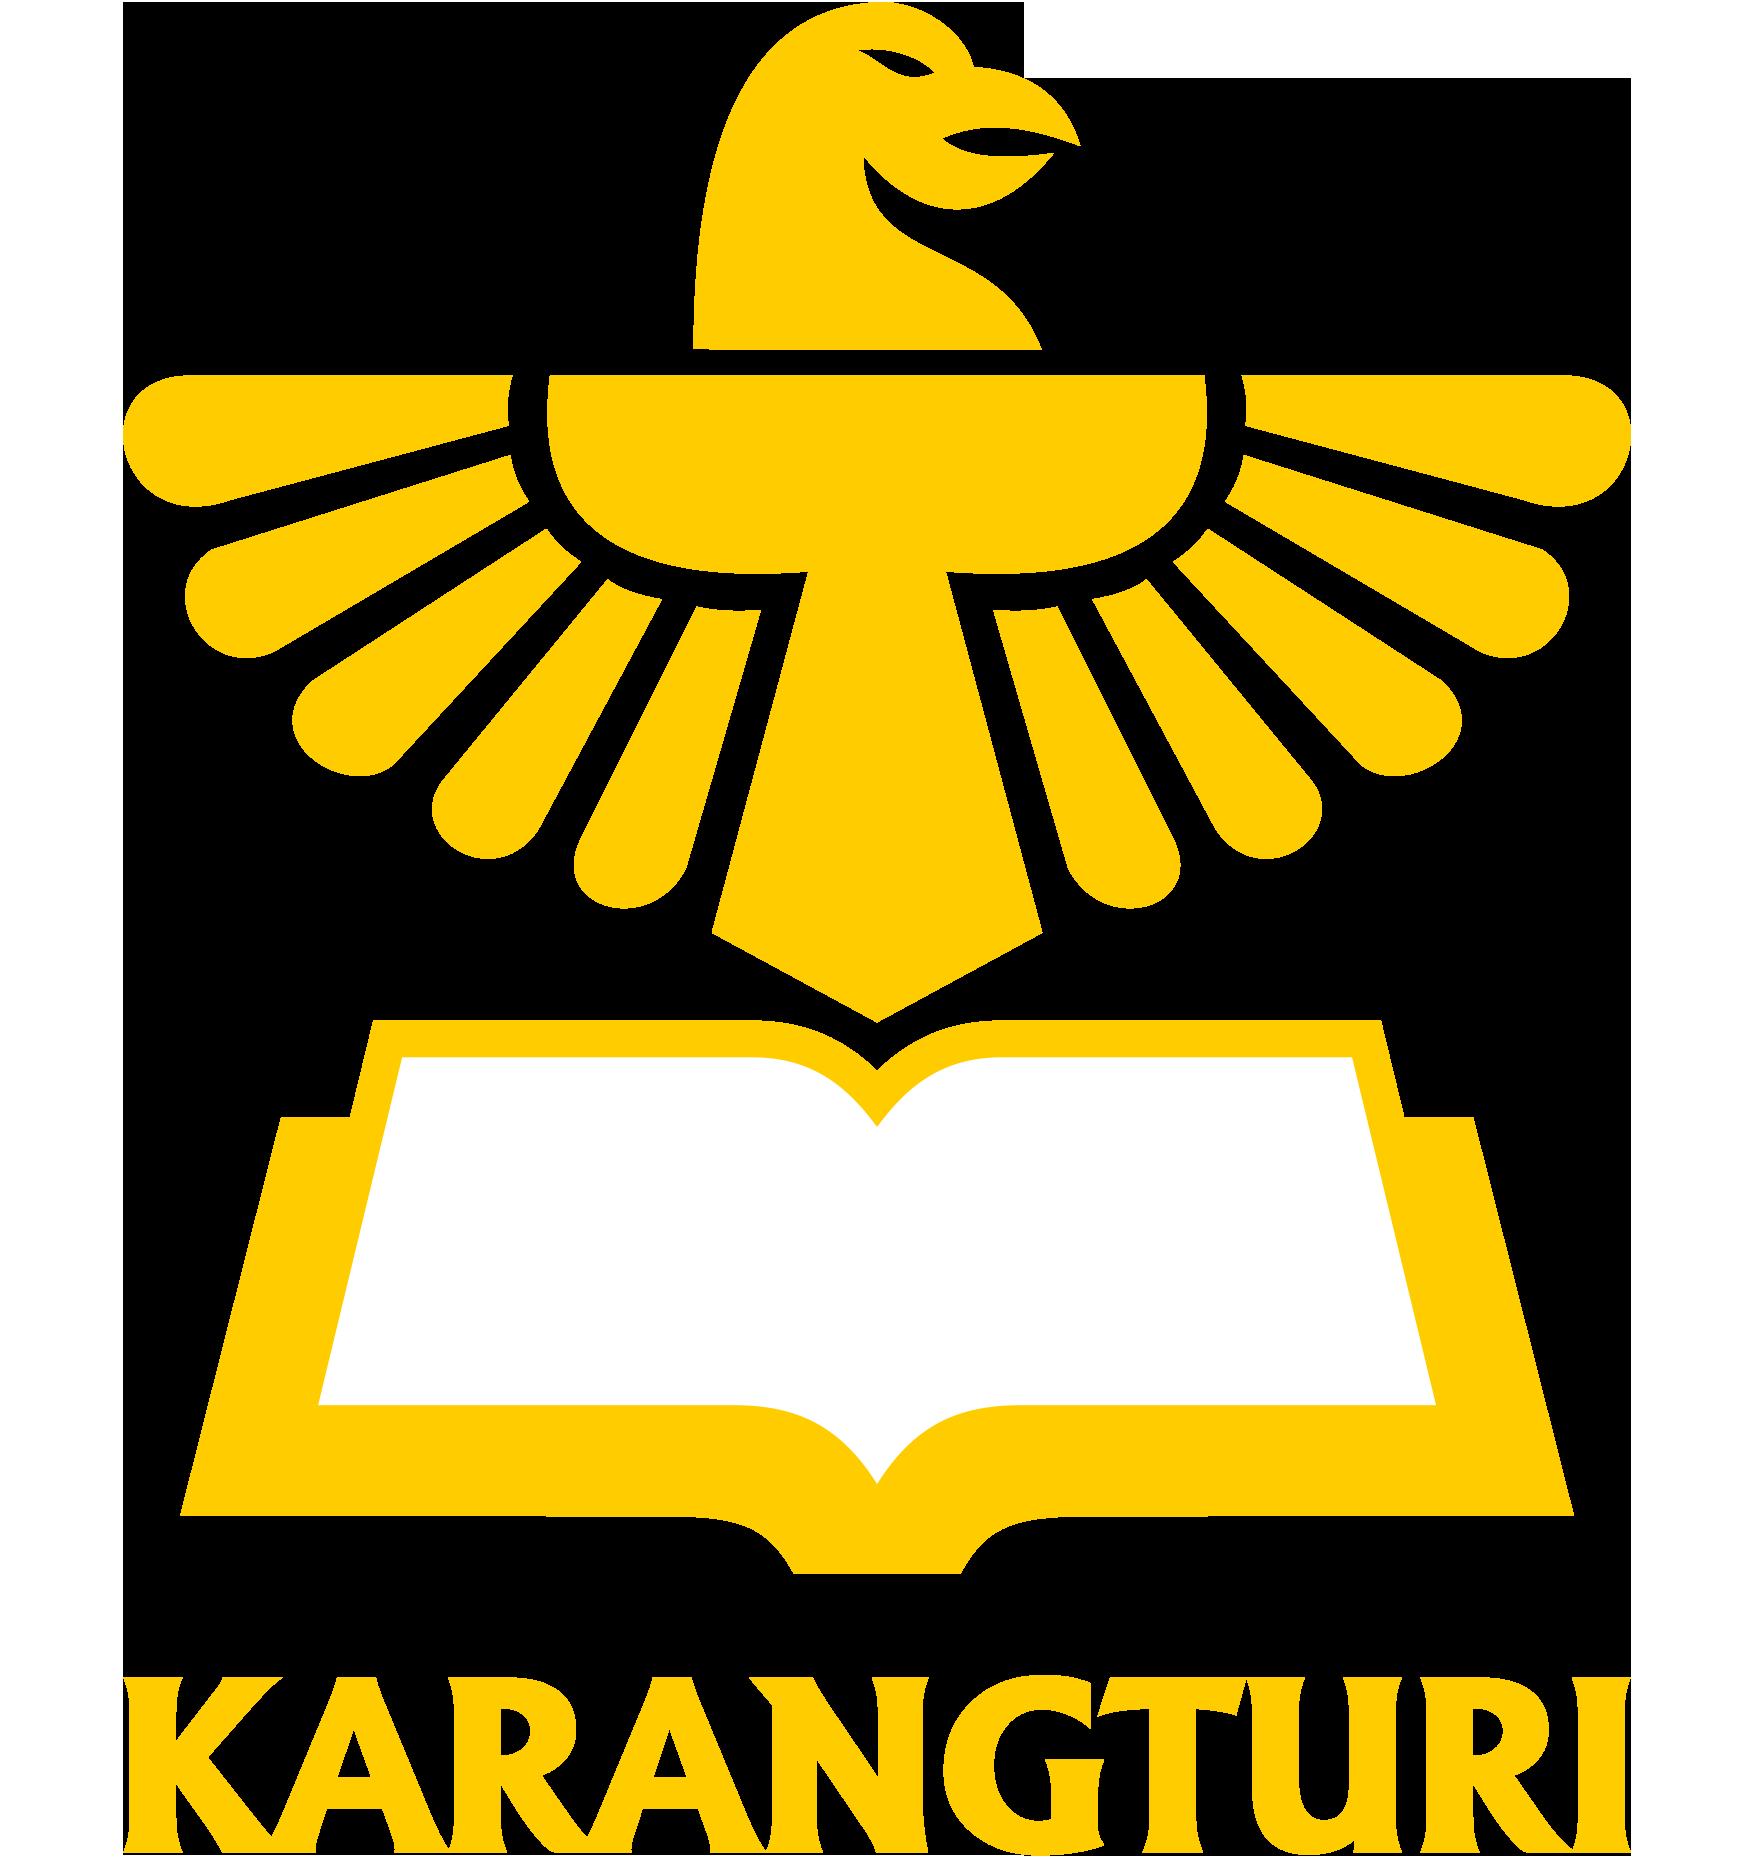 Informasi Penerimaan Siswa Baru 2018-2019 Sekolah Karangturi